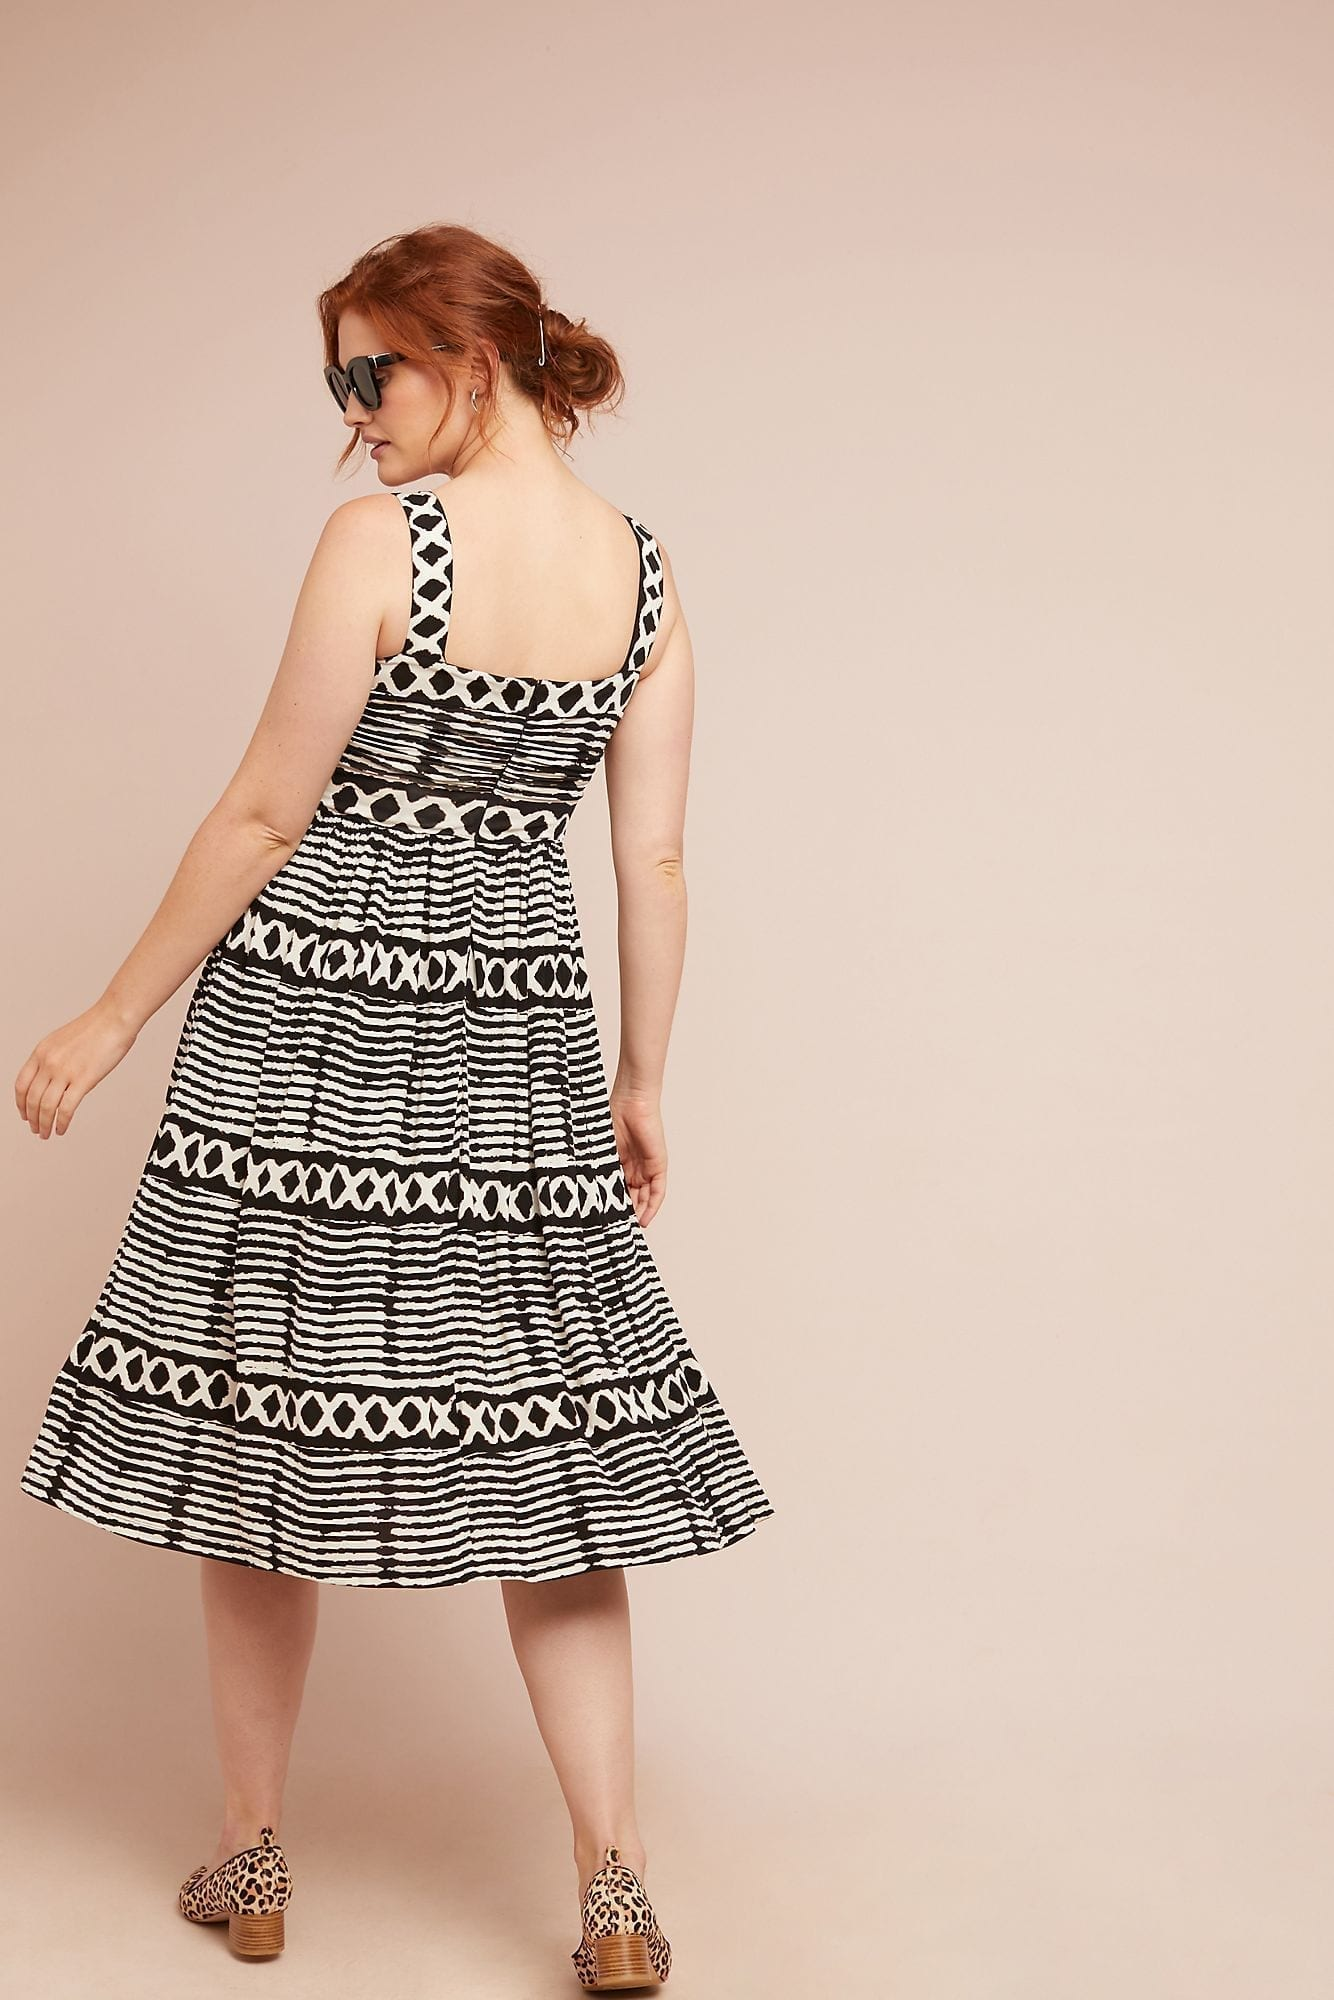 TRACY REESE X ANTHROPOLOGIE San Antonio Black / White Dress